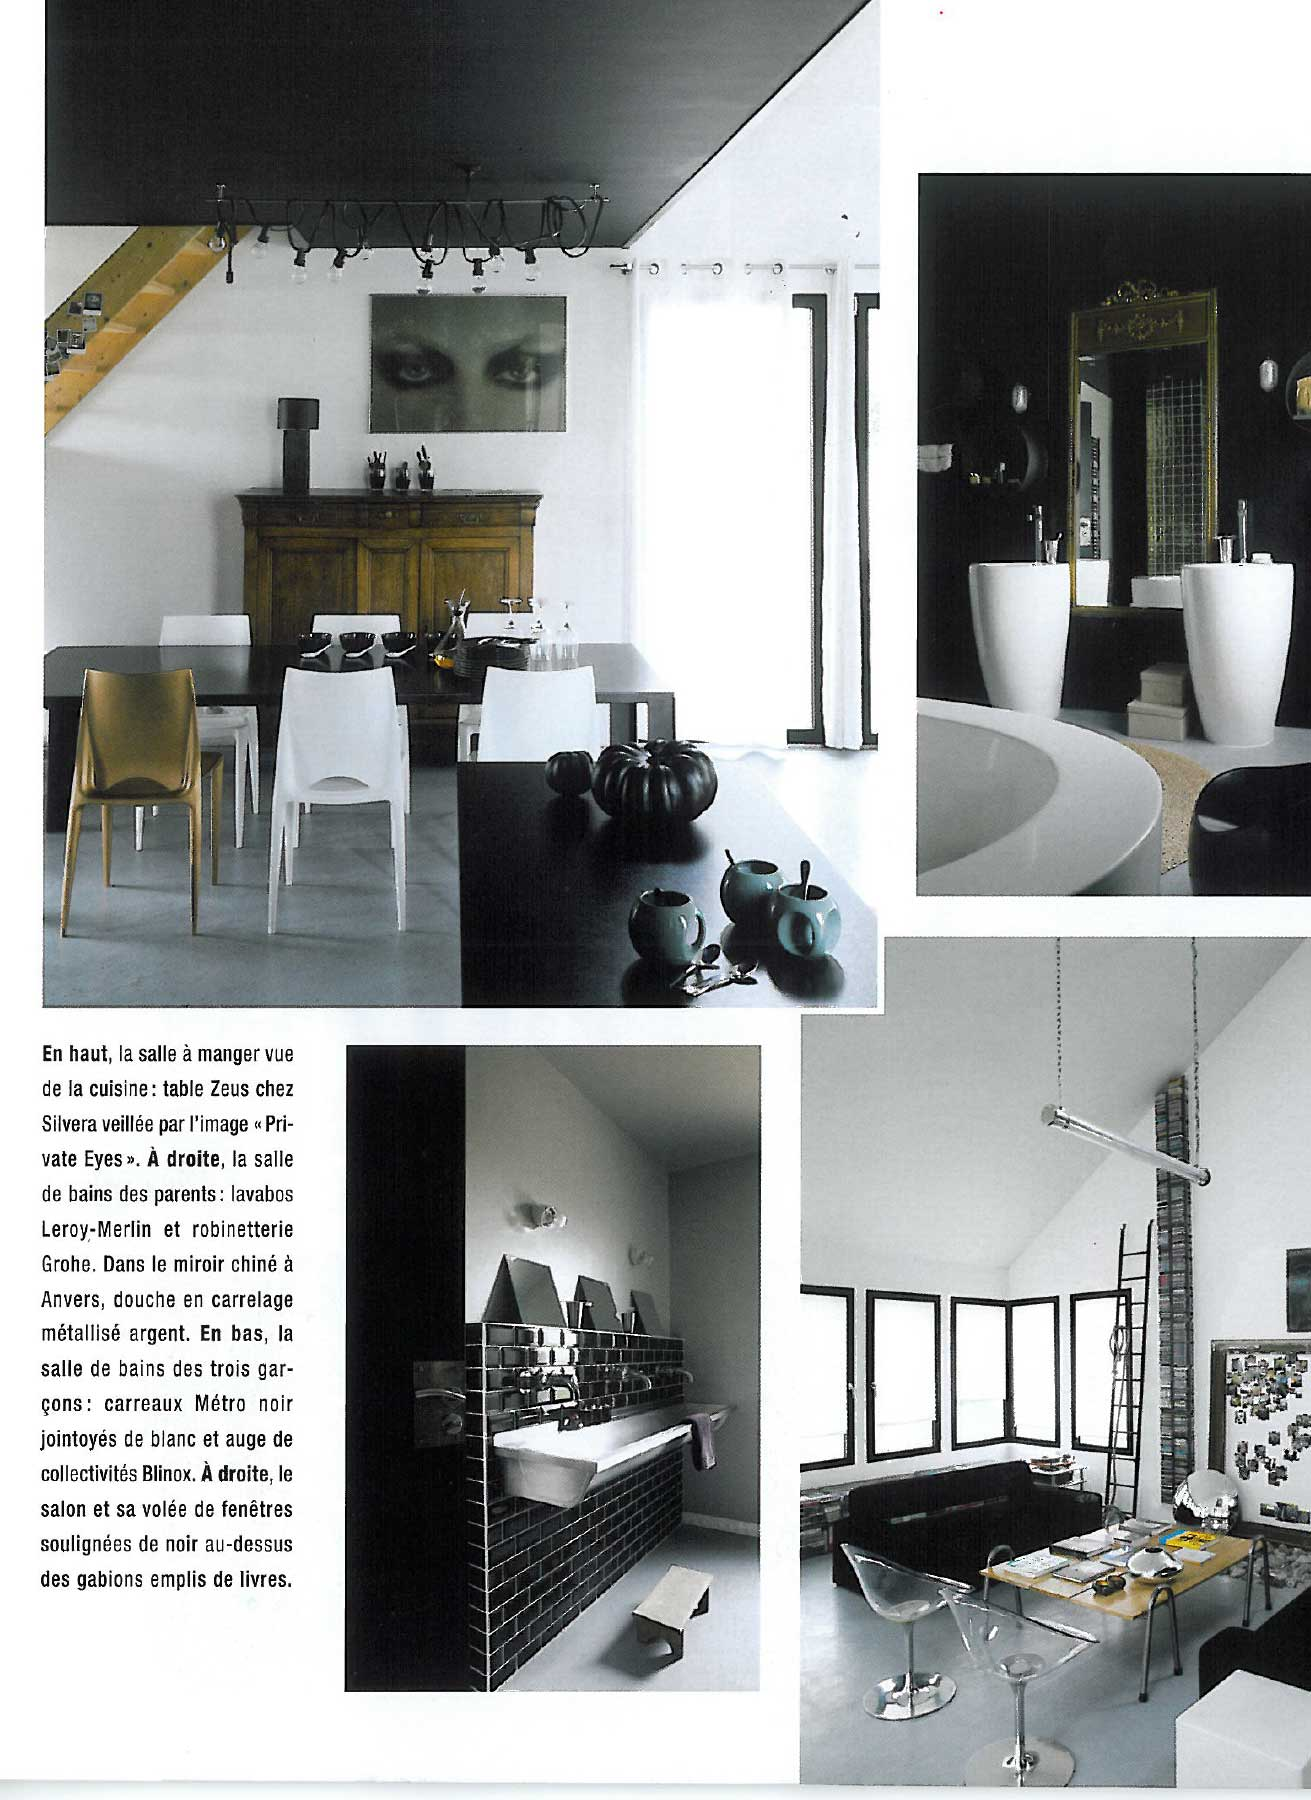 miroir salle de bain maison du monde excellent with miroir salle de bain maison du monde. Black Bedroom Furniture Sets. Home Design Ideas